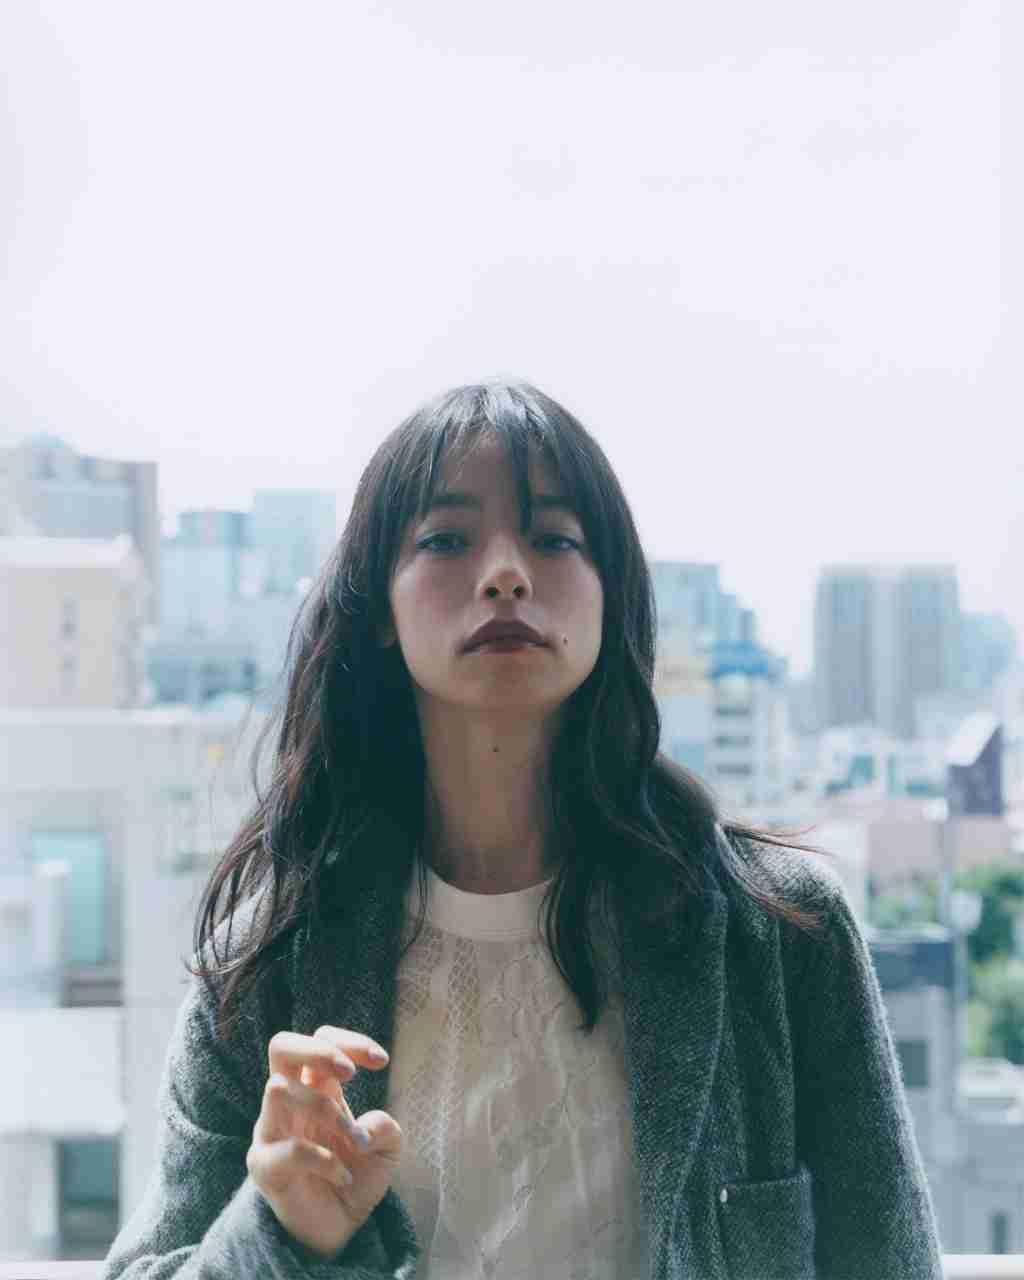 SPEAK FOR THE __________, Miwako Ichikawa by Ryo Hanabusa